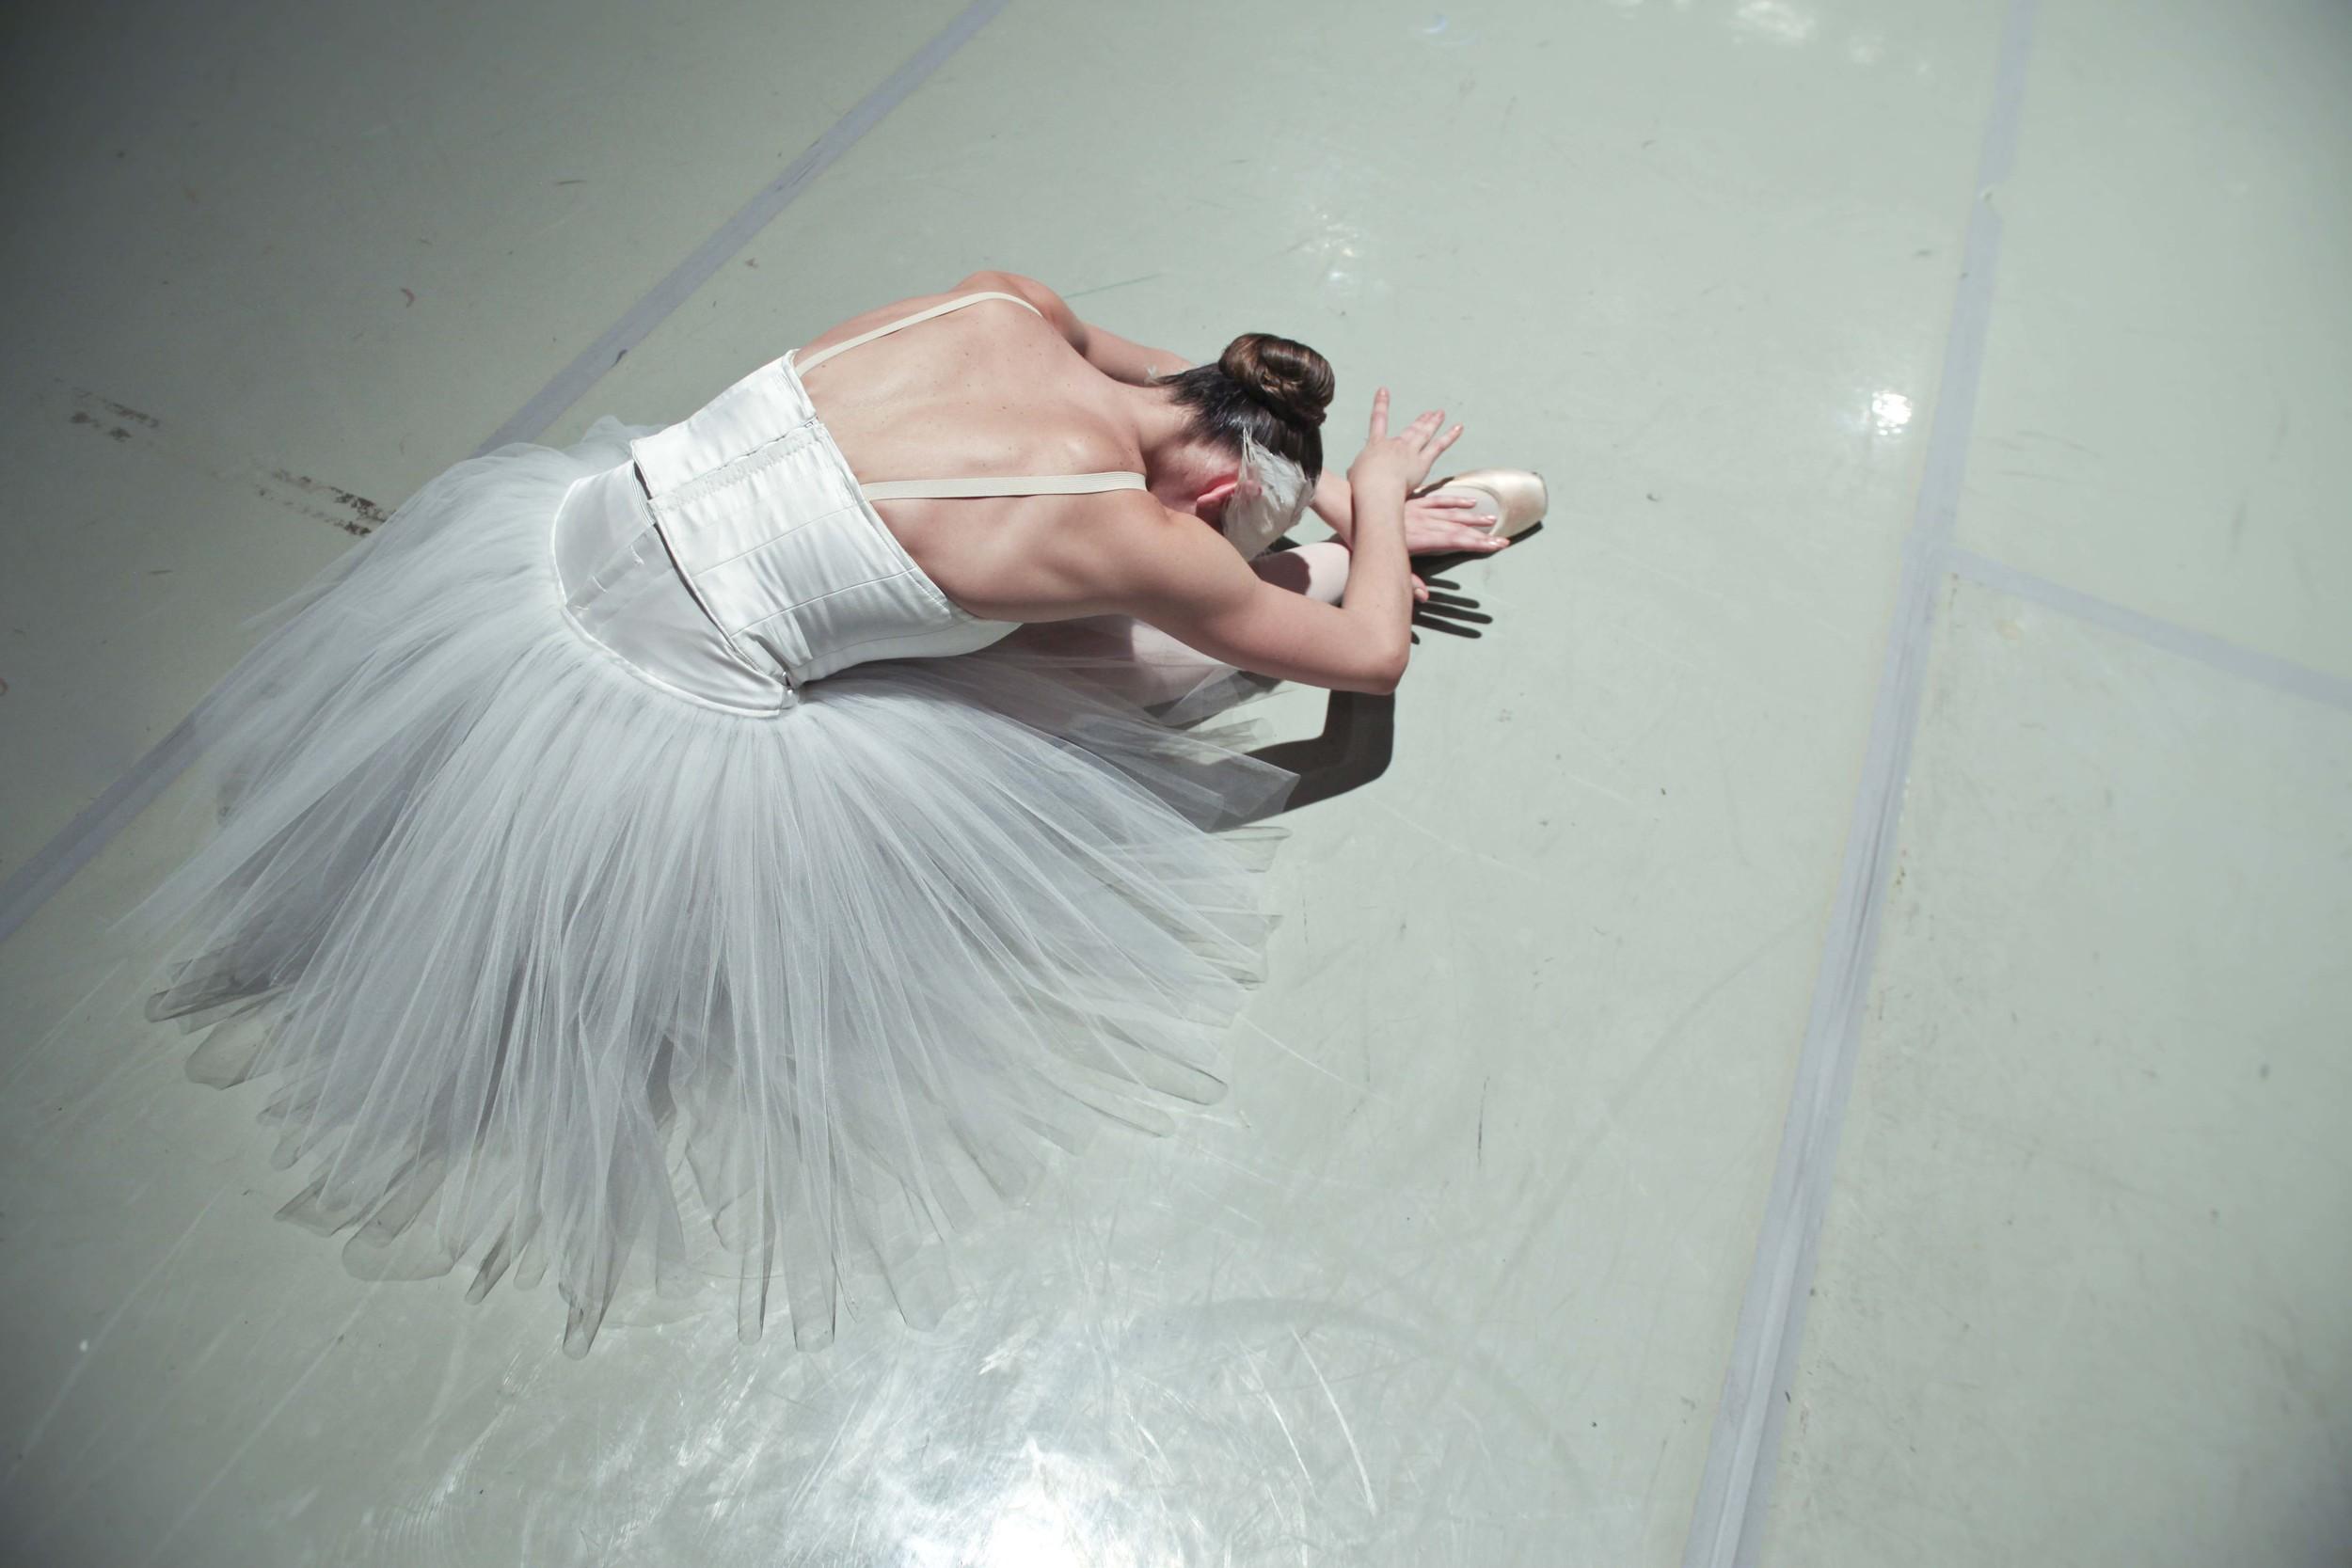 2013-spring-balletchicago_5.jpg